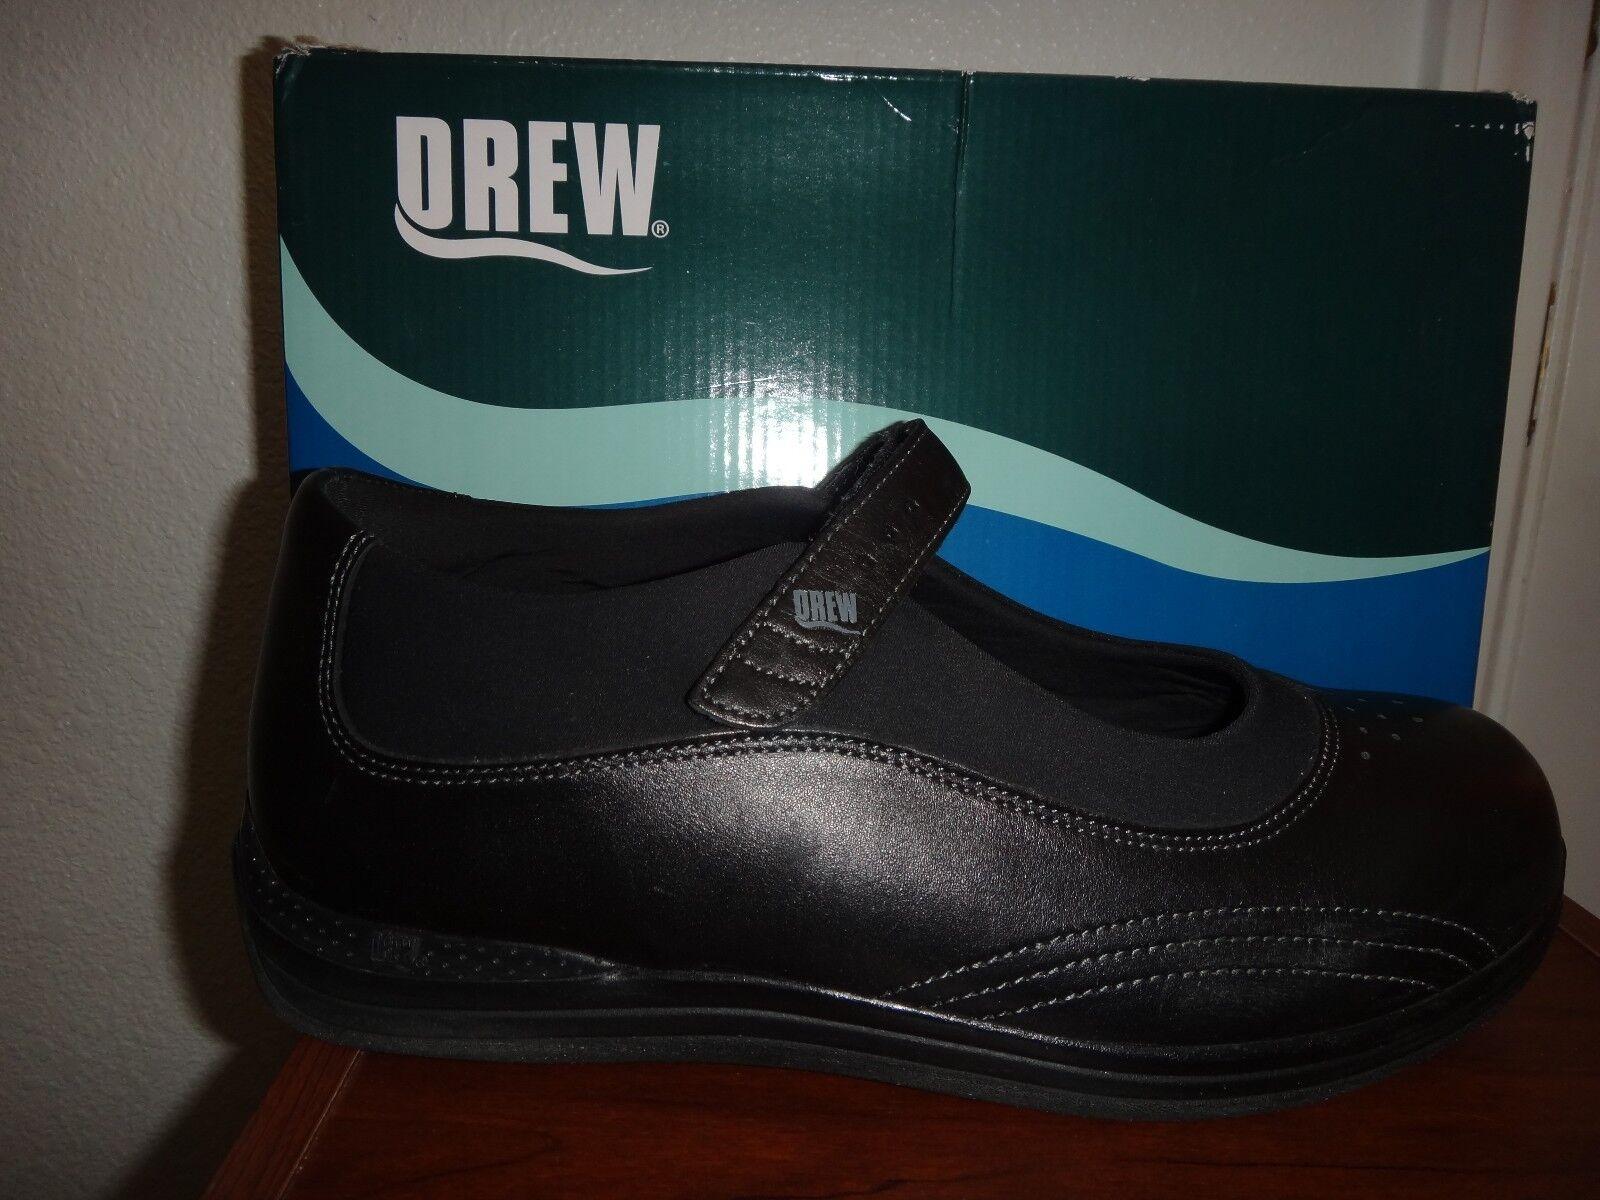 Drew Femmes Orthopédique Confort Double Large en Cuir Noir Plates Chaussures 10.5 WW